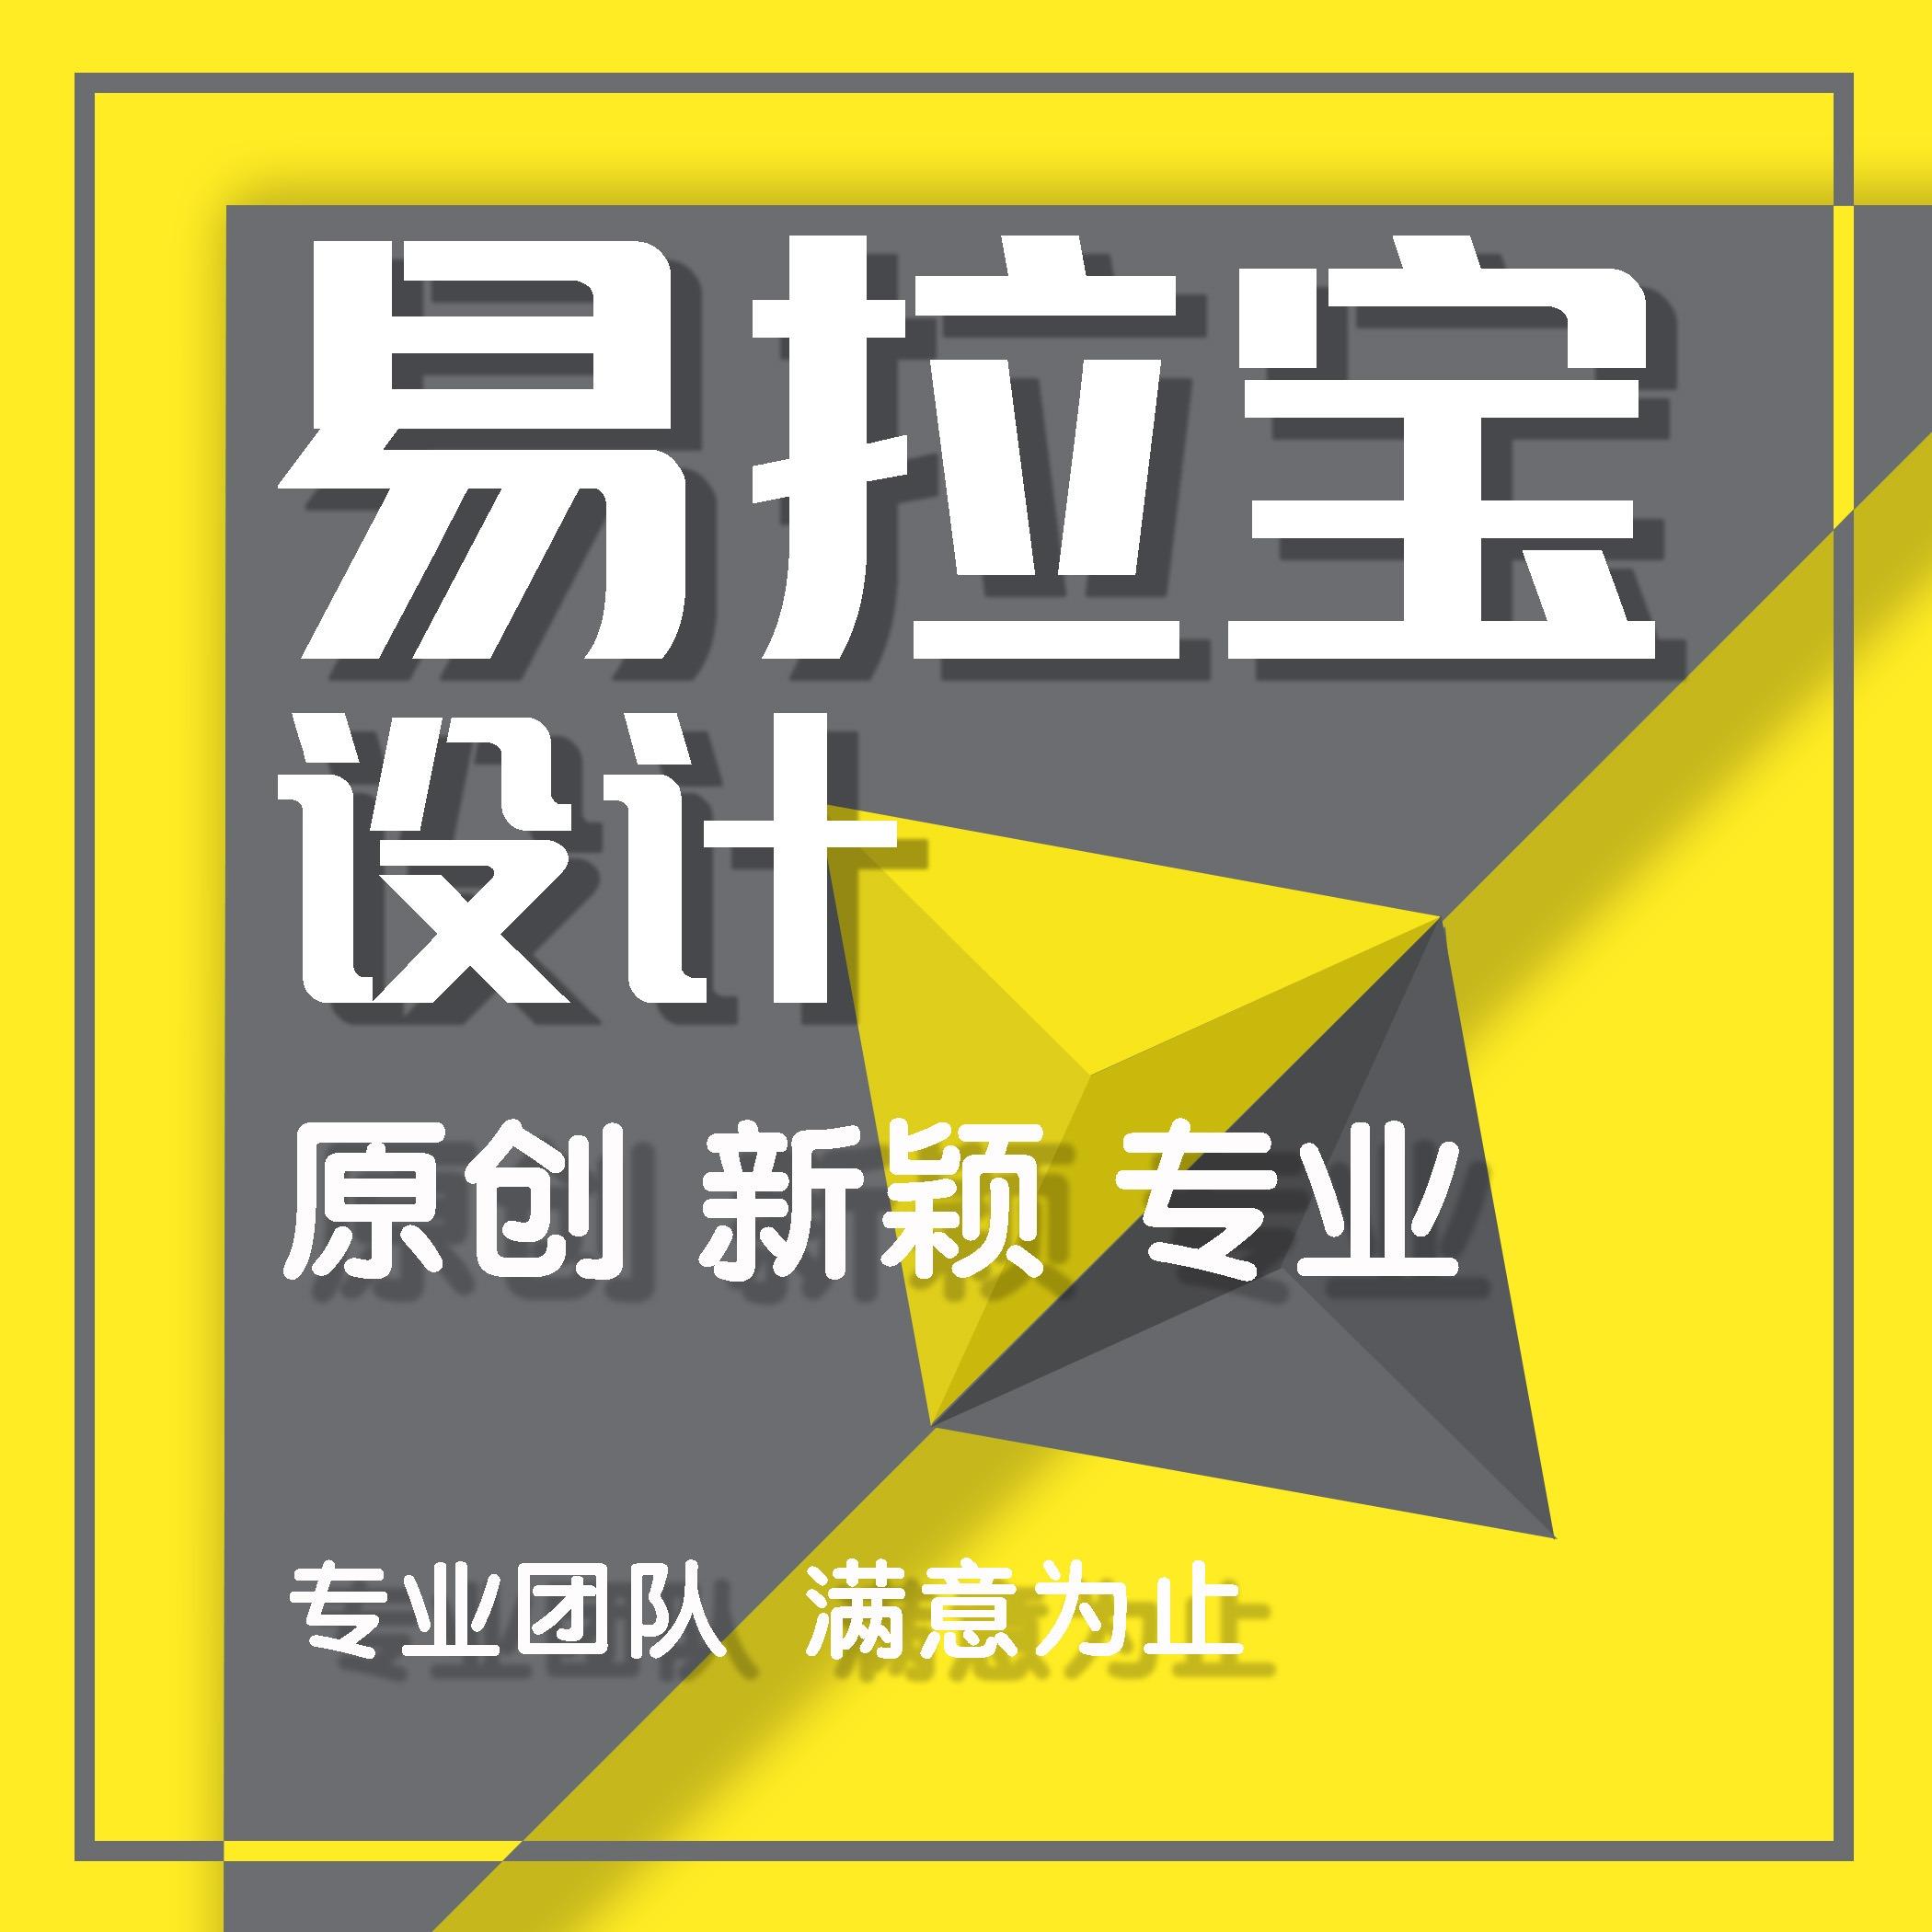 【易拉宝设计】展示宣传品公司企业创意海报广告活动宣传展示